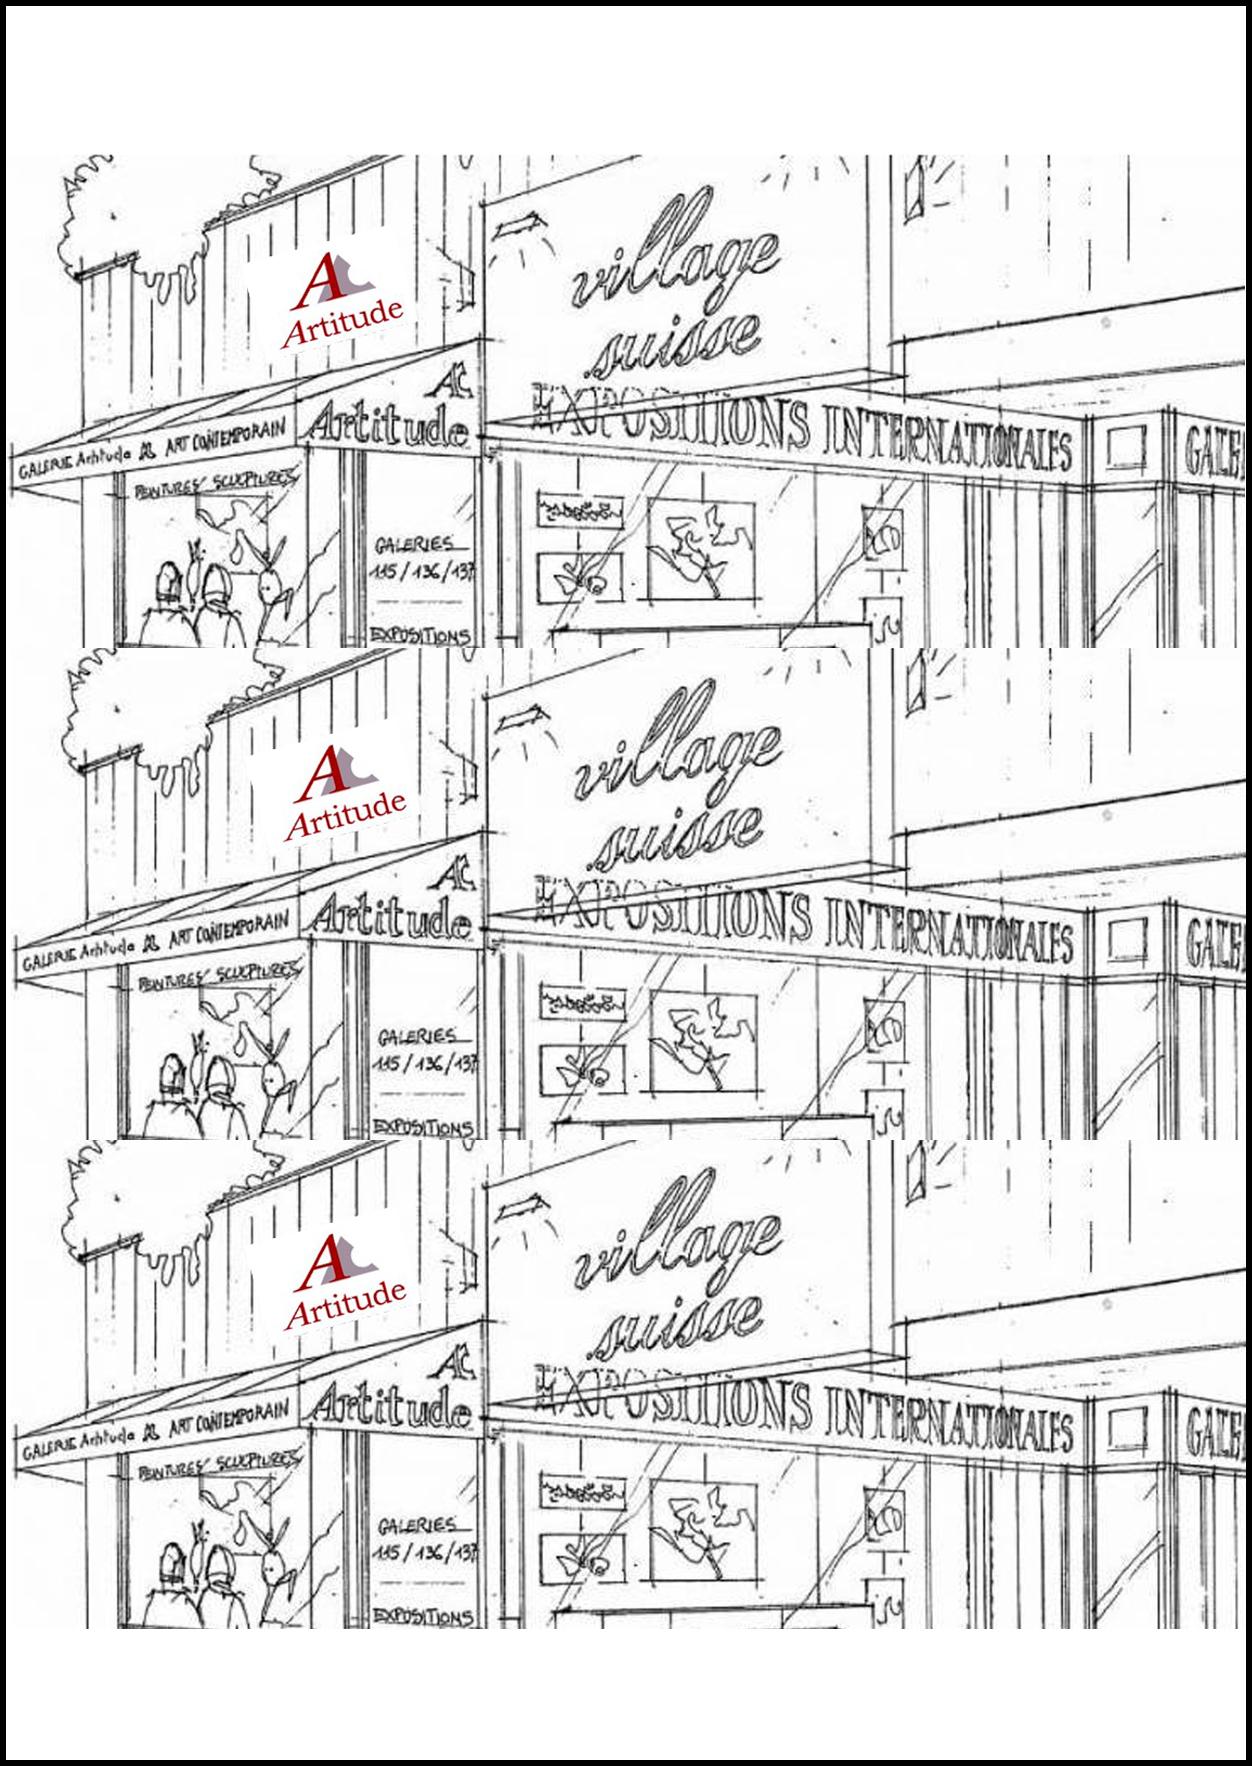 GALERIE ARTITUDE - PARIS VILLAGE SUISSE, FRANCEExpo: 24/05/2012 - 04/06/2012Vernissage: 26/05/2012 (16h00-19h00)